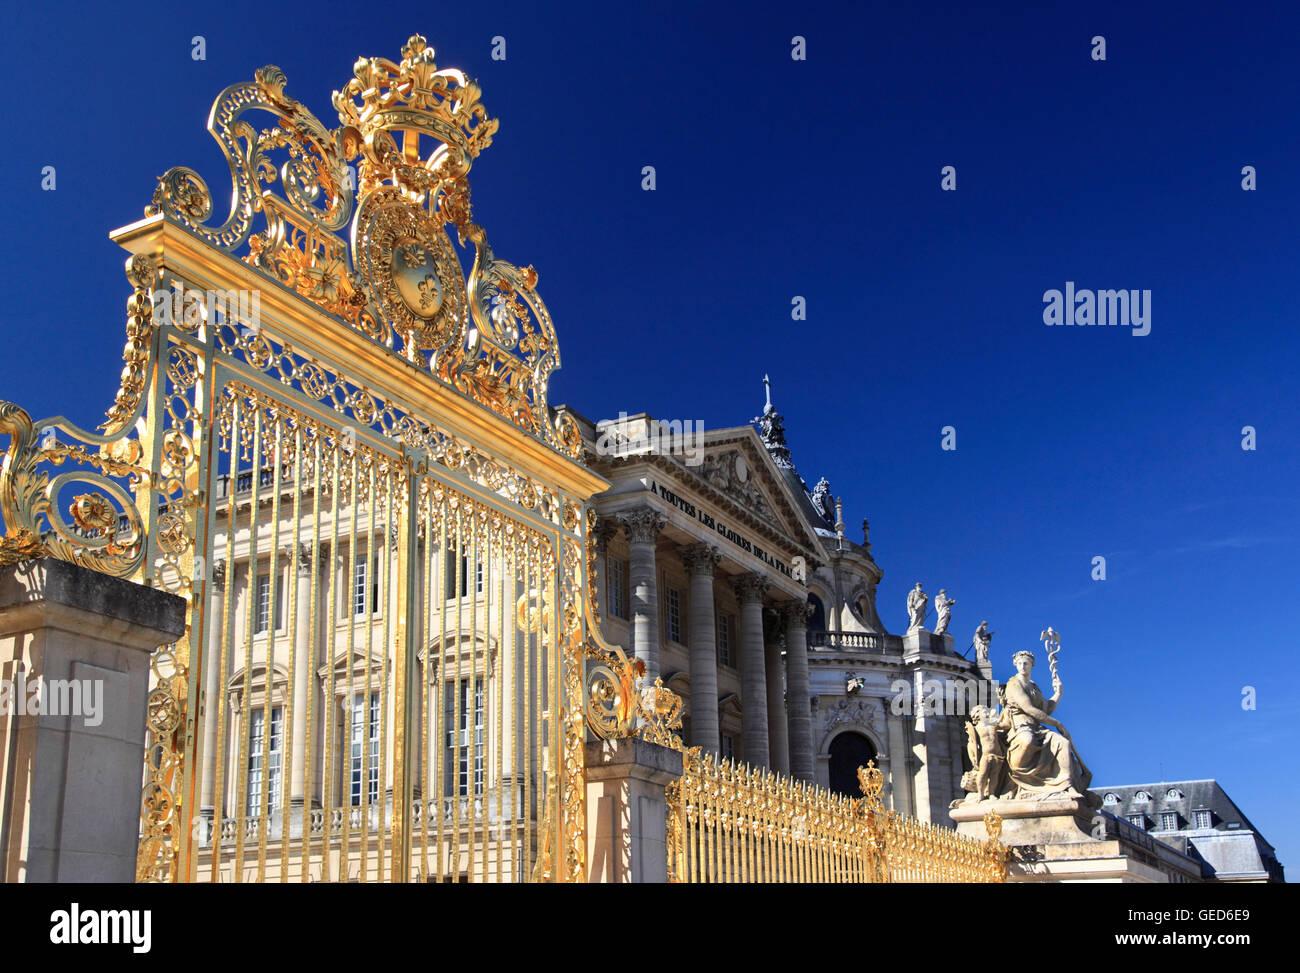 La puerta de Honor, el Palacio de Versalles, Francia, Europa Imagen De Stock